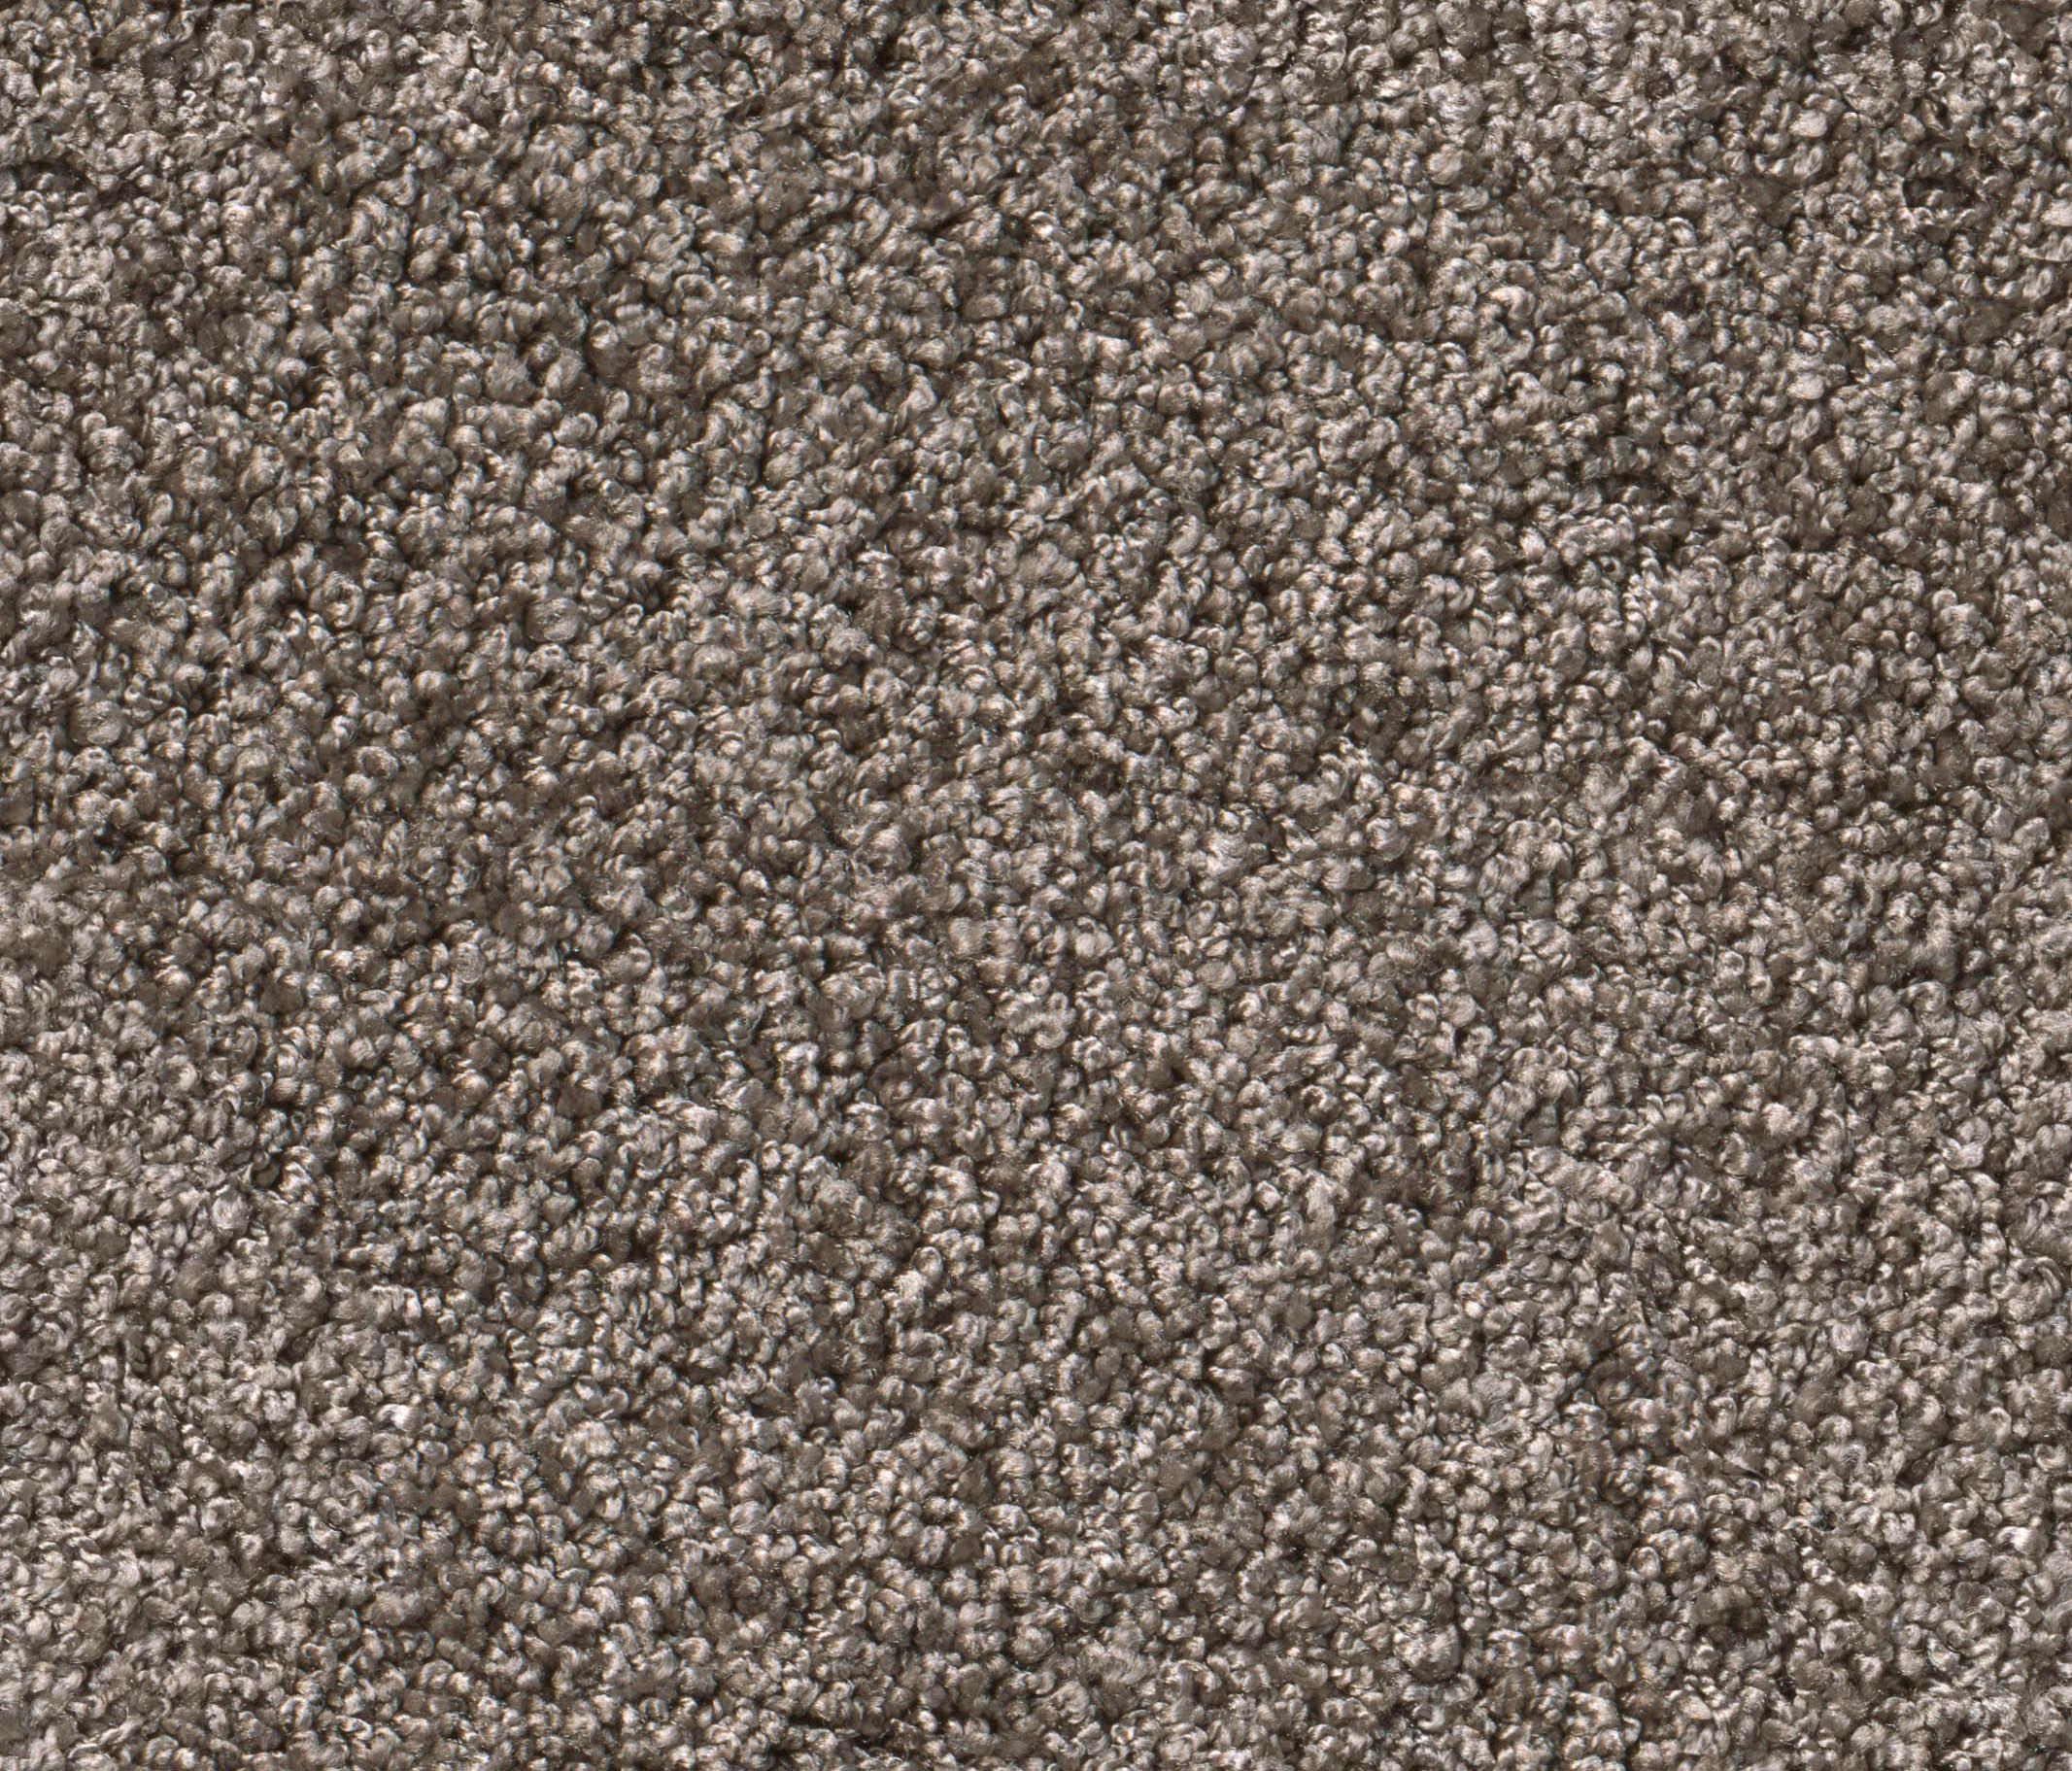 smoozy by object carpet walltowall carpets